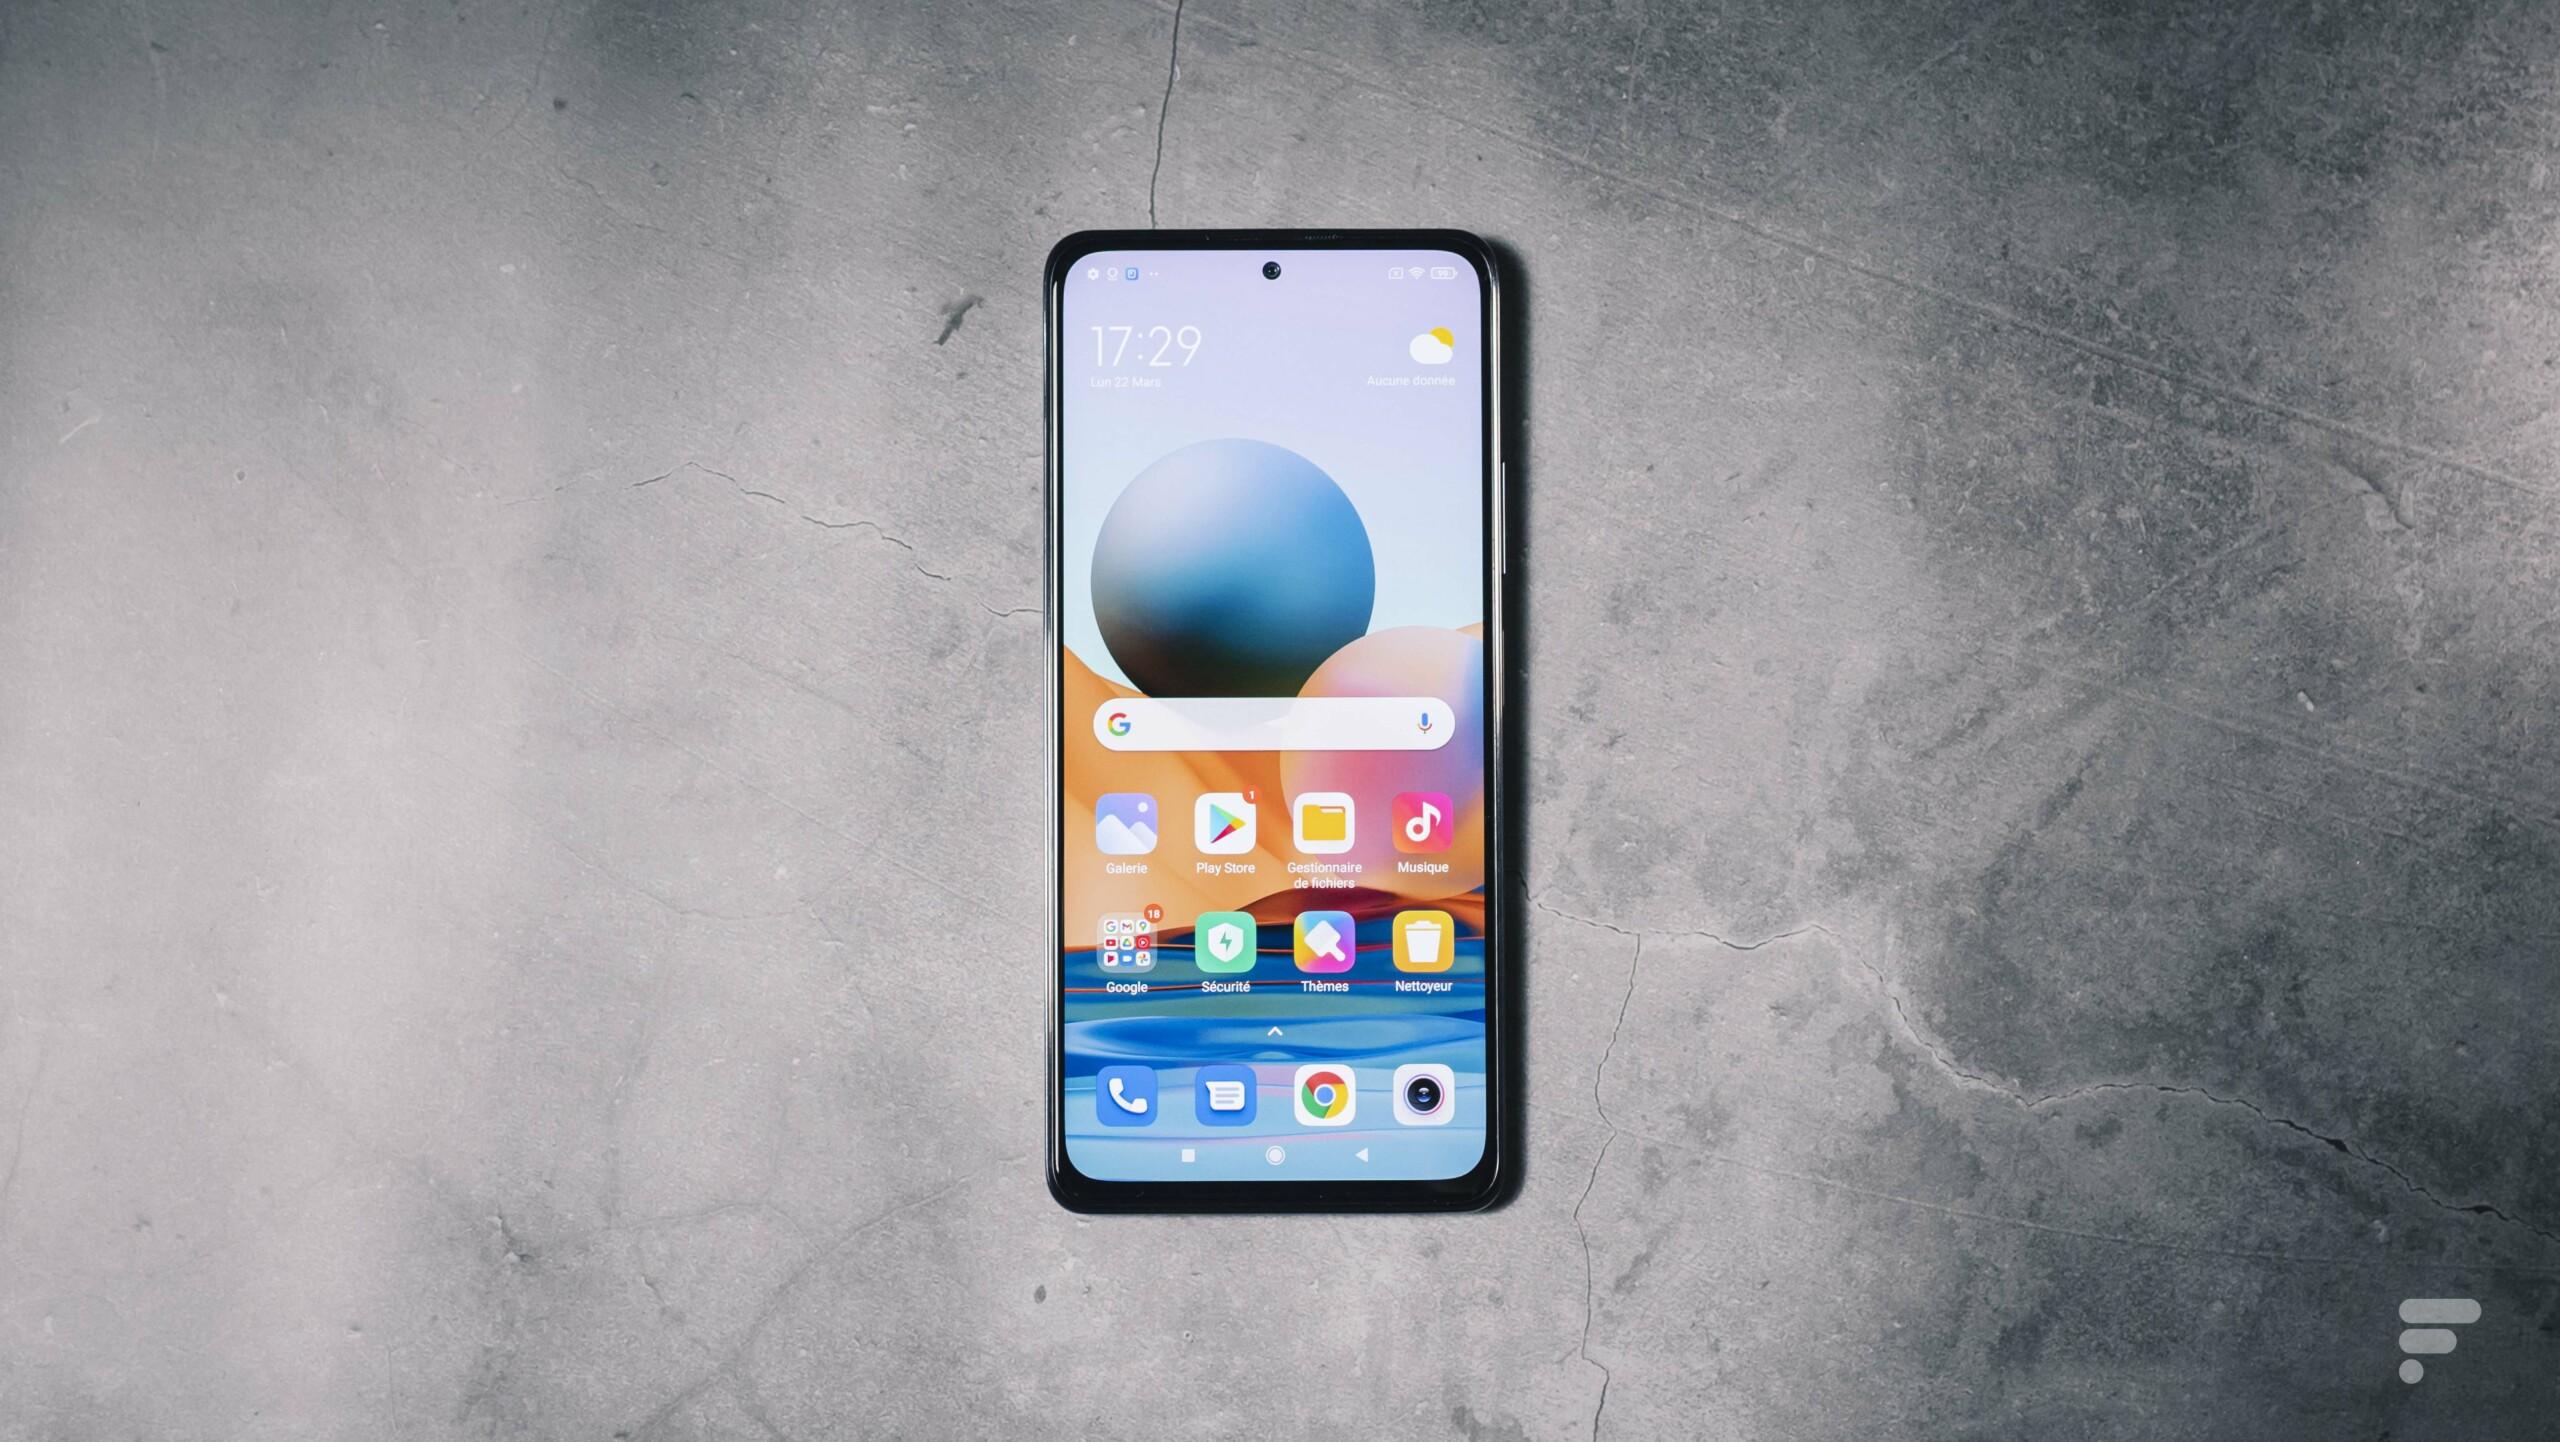 Smartphones, aspirateurs ou trottinette : AliExpress lance une grande vague de promotions juste avant les soldes d'été